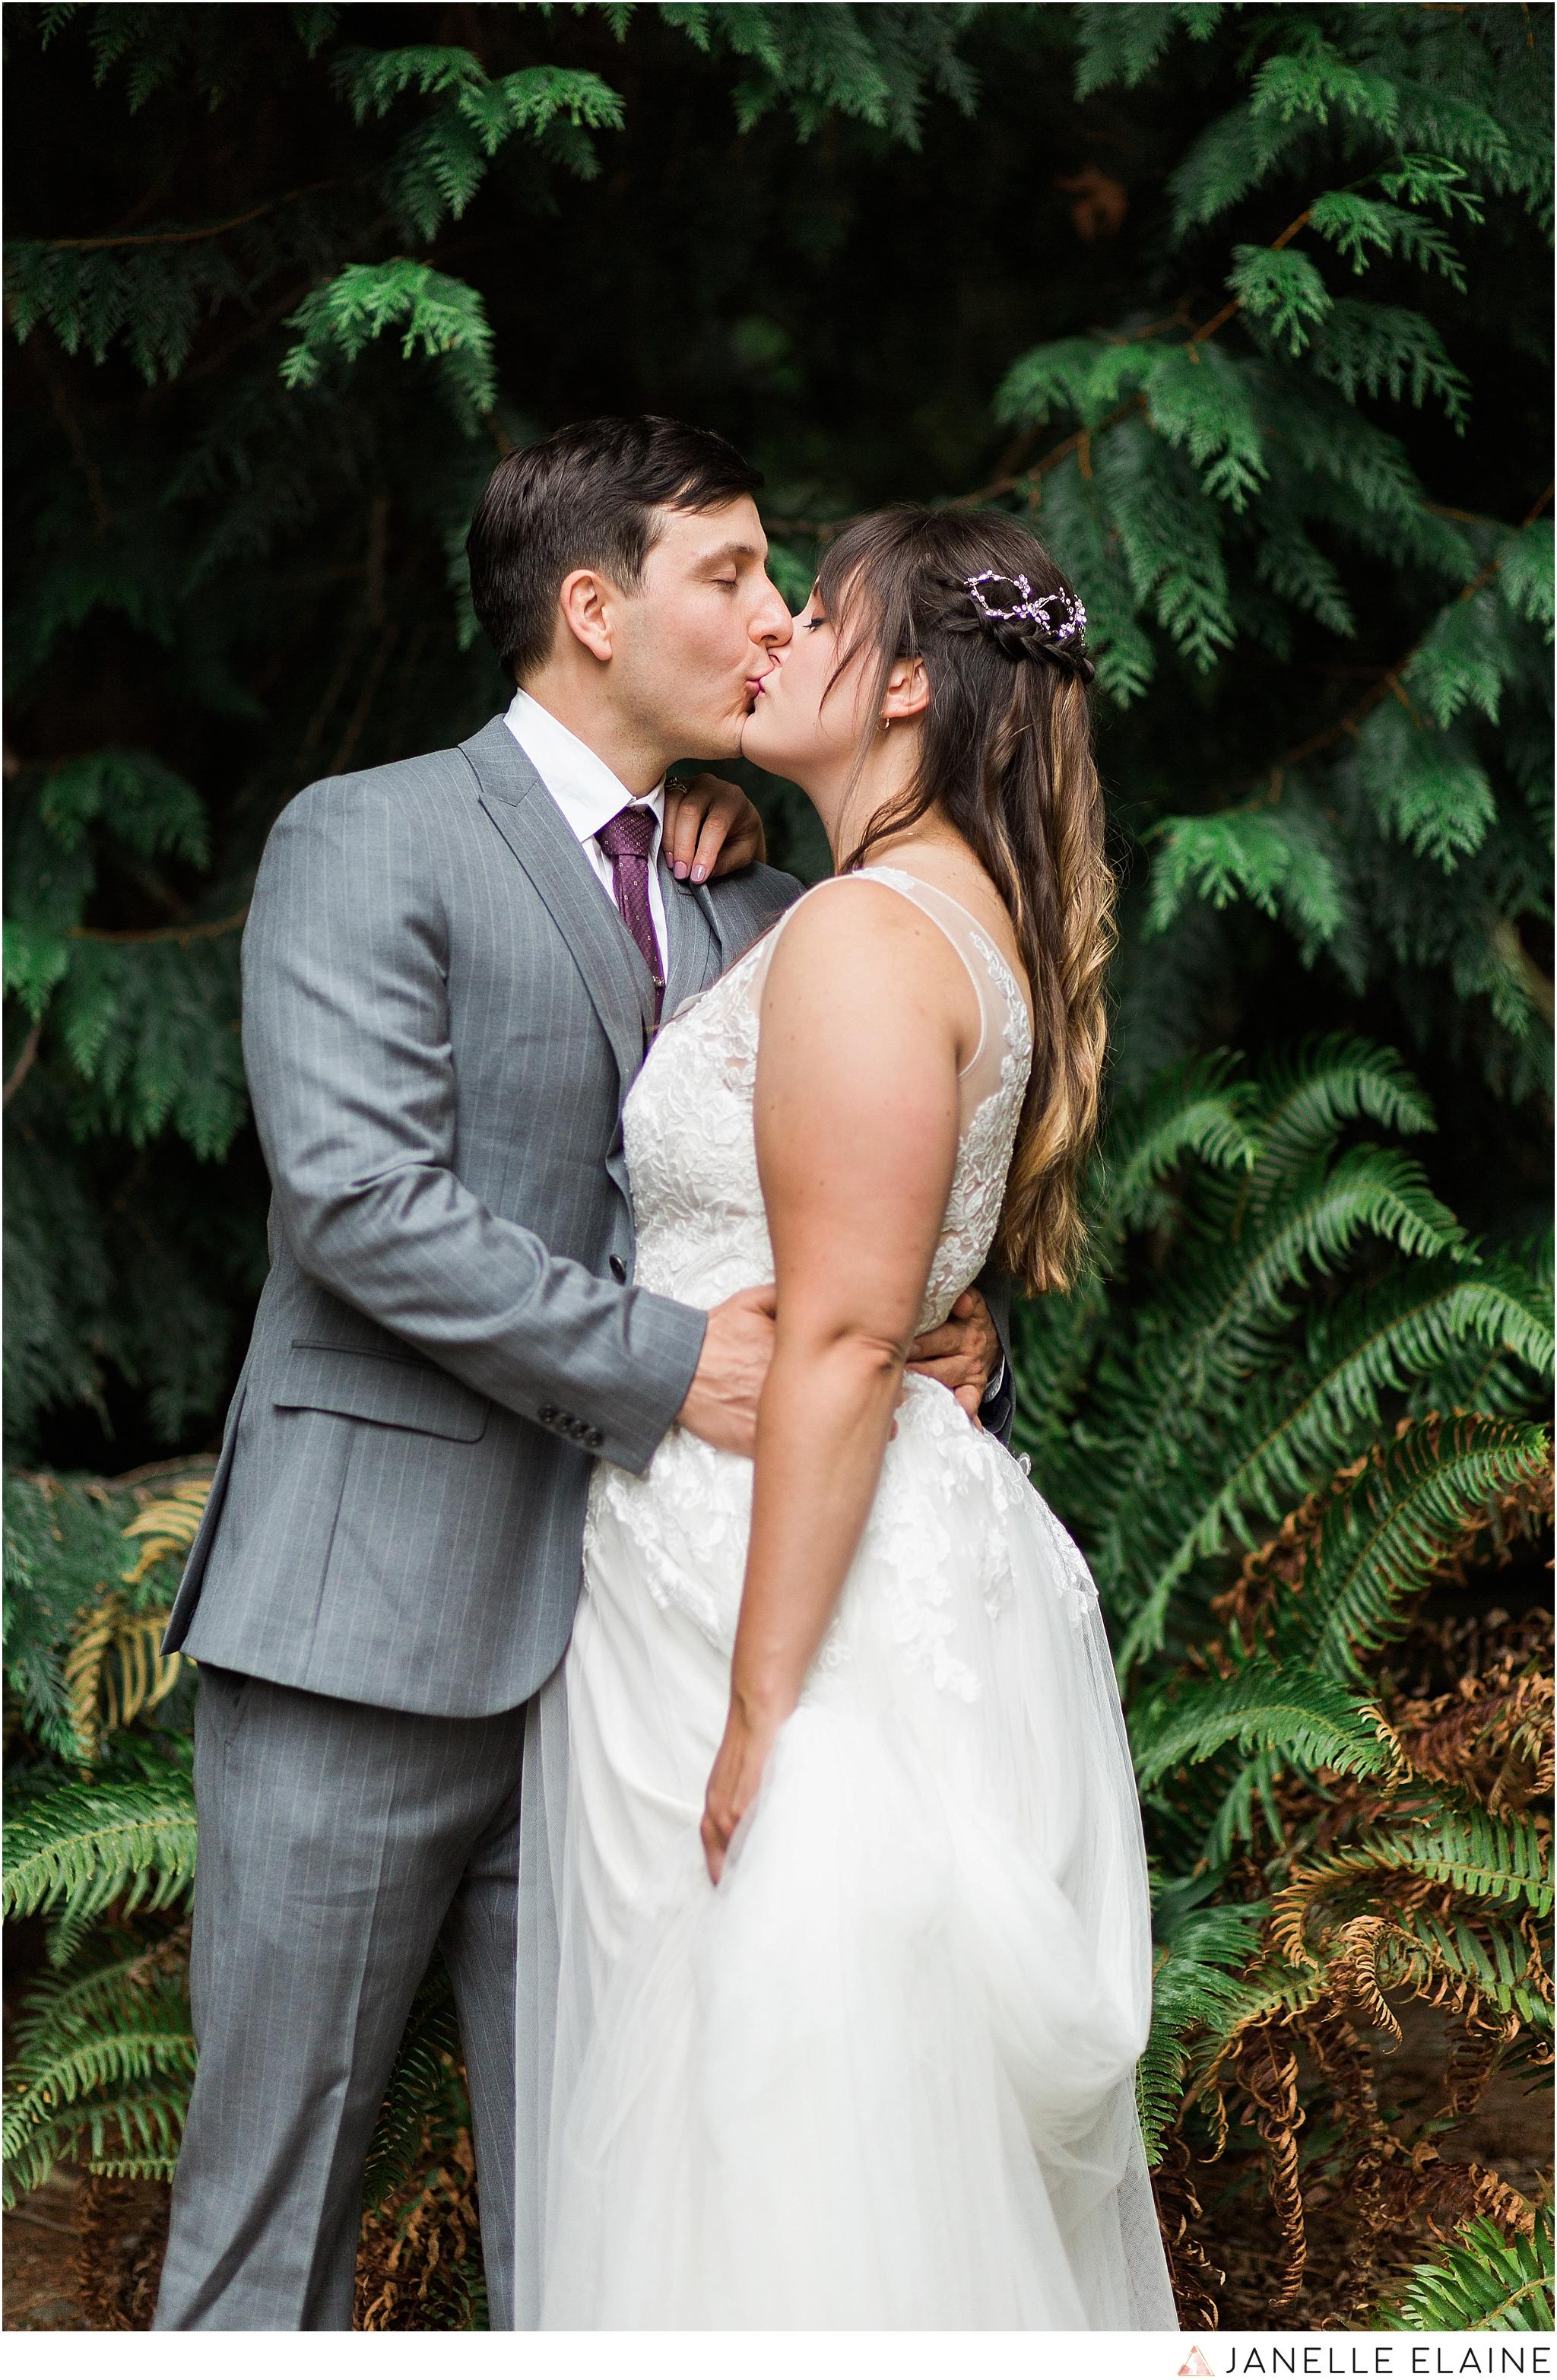 seattle-portrait-engagement-wedding-photographer-janelle-elaine-photography-25.jpg